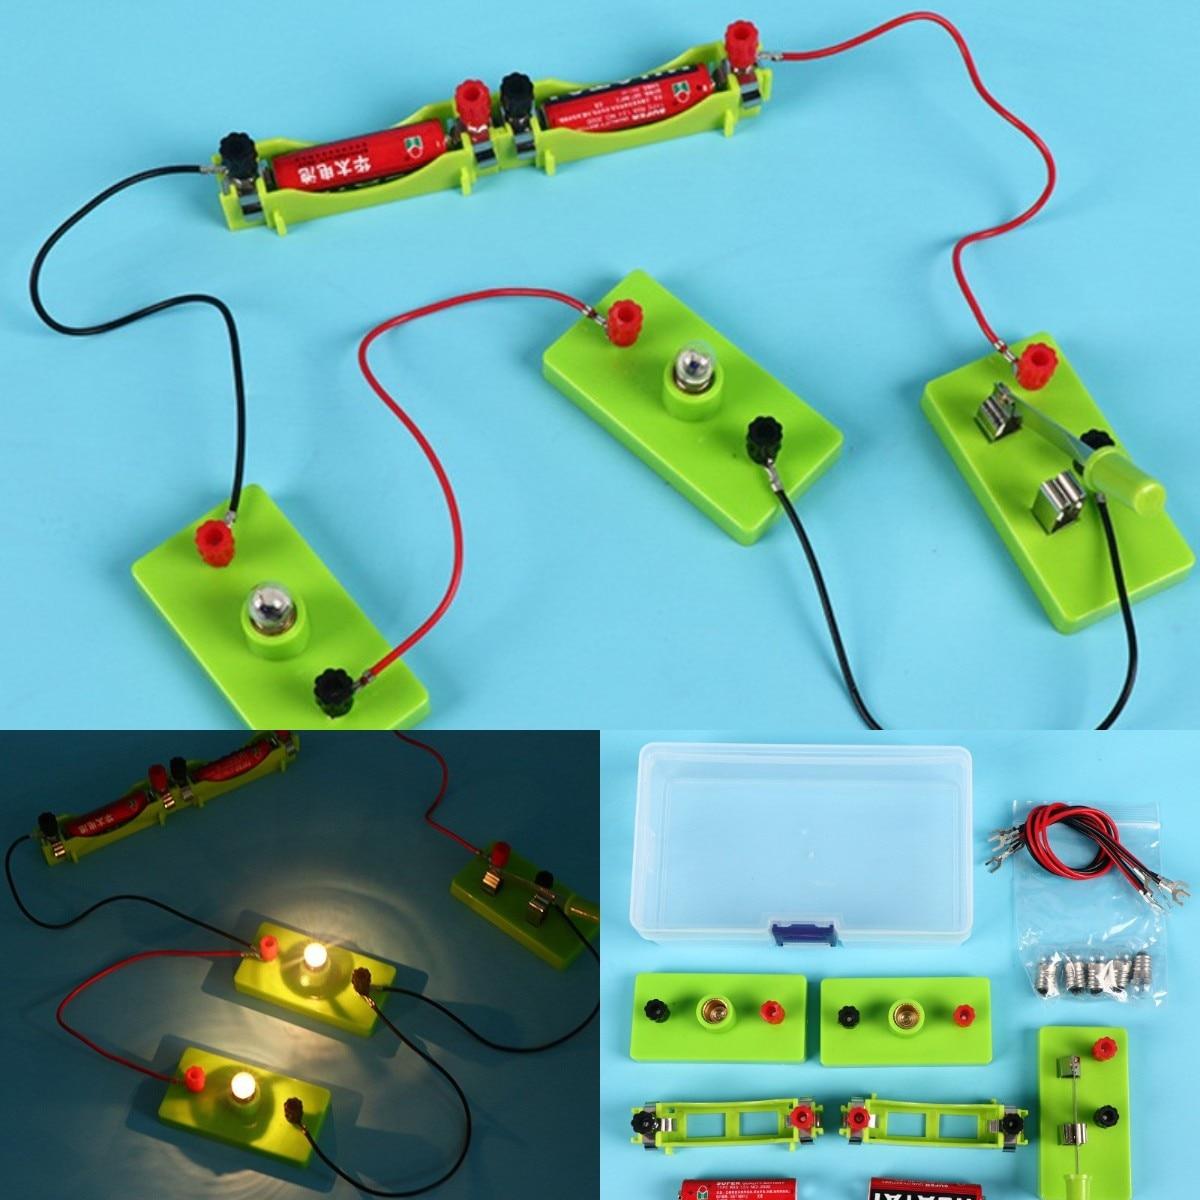 Детская научная игрушка, Базовая схема, электричество, Обучающие физические обучающие игрушки для детей, эксперимент со стержнем, реальные ...